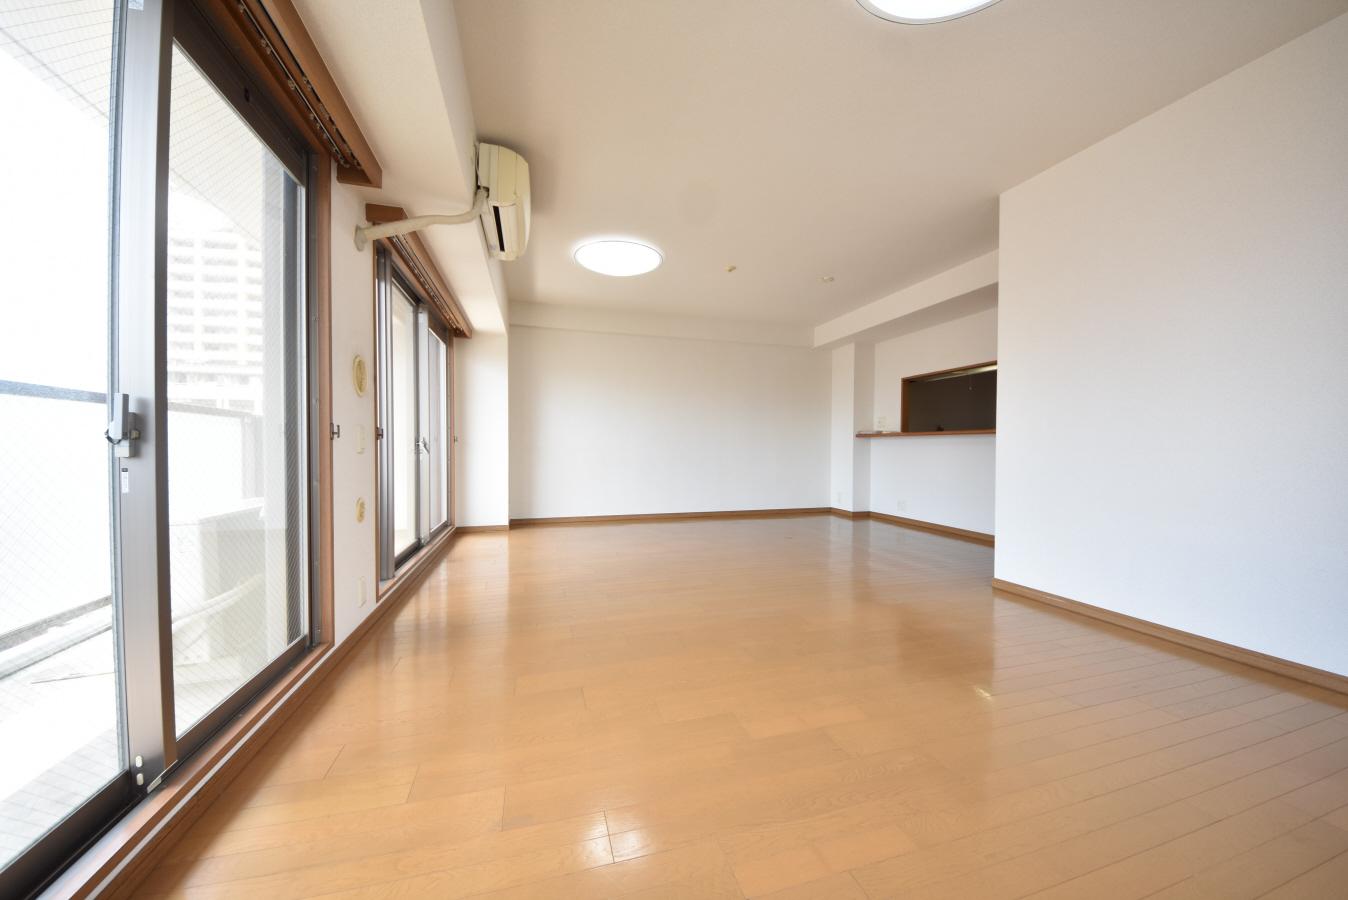 物件番号: 1025884045 ローレル・トアスクエア  神戸市中央区中山手通2丁目 1SLDK マンション 画像29